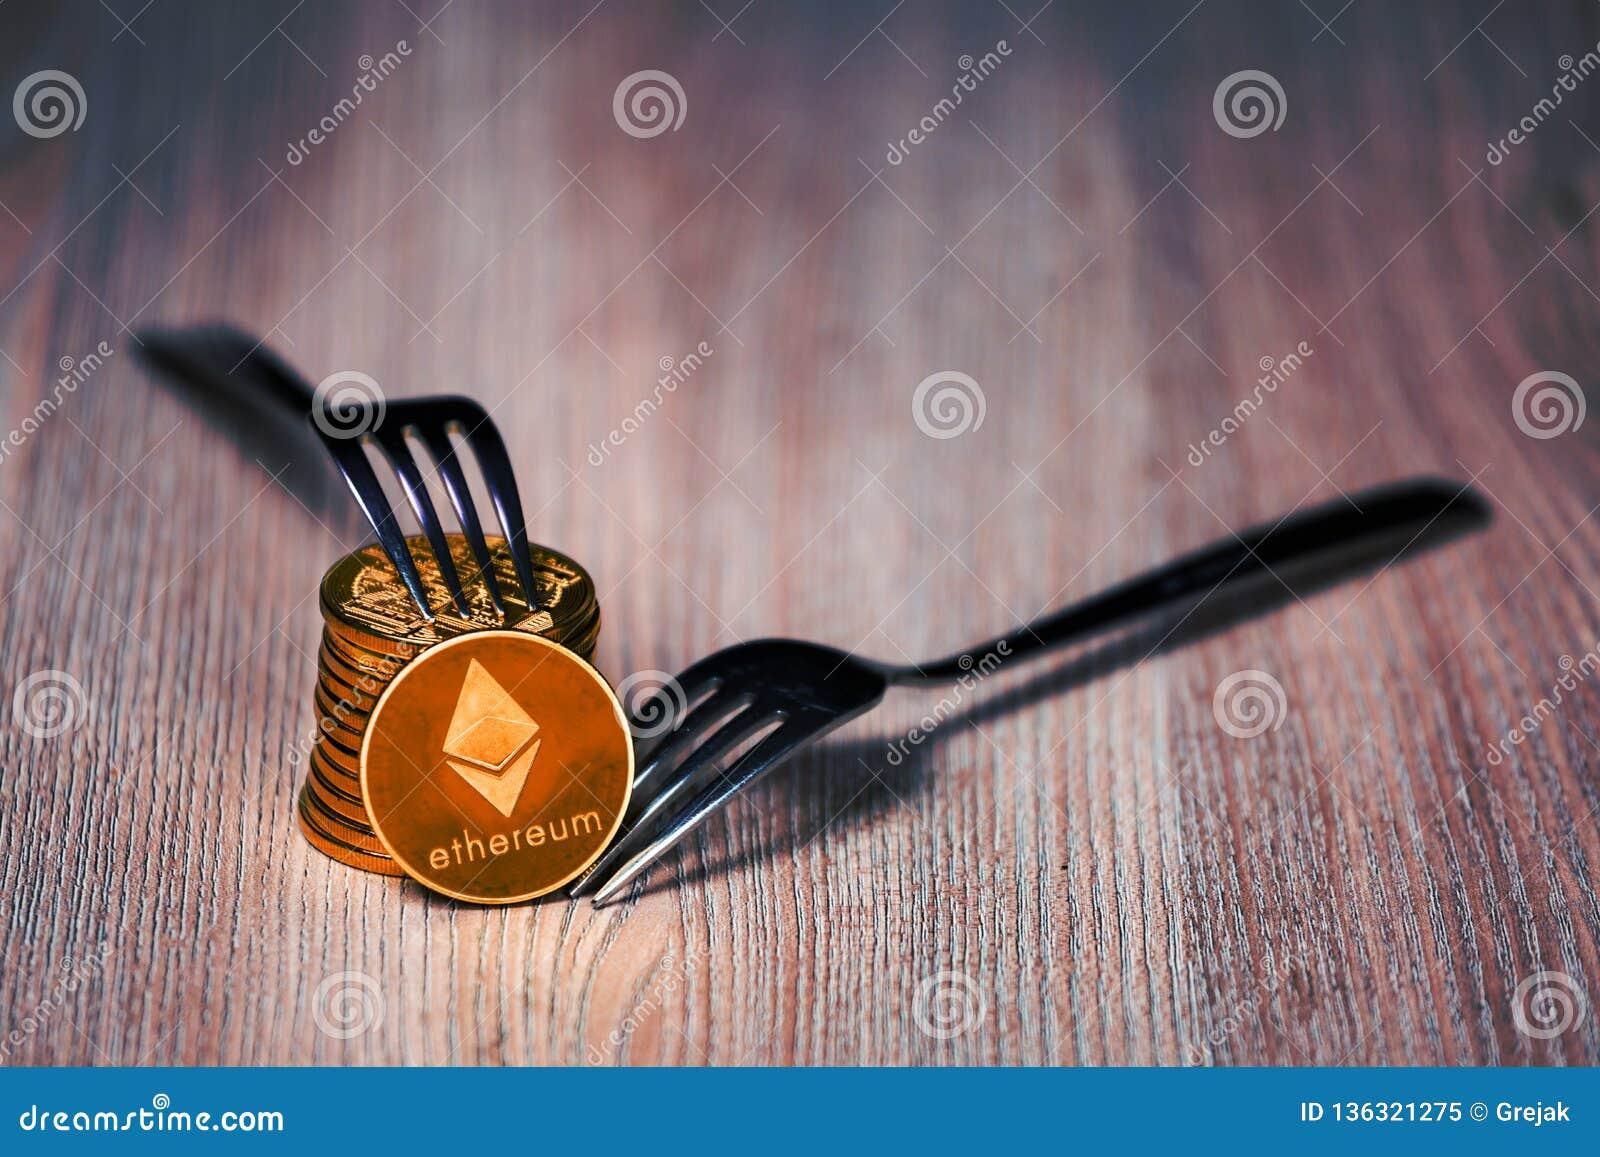 Ethereum mynt på en trätabell